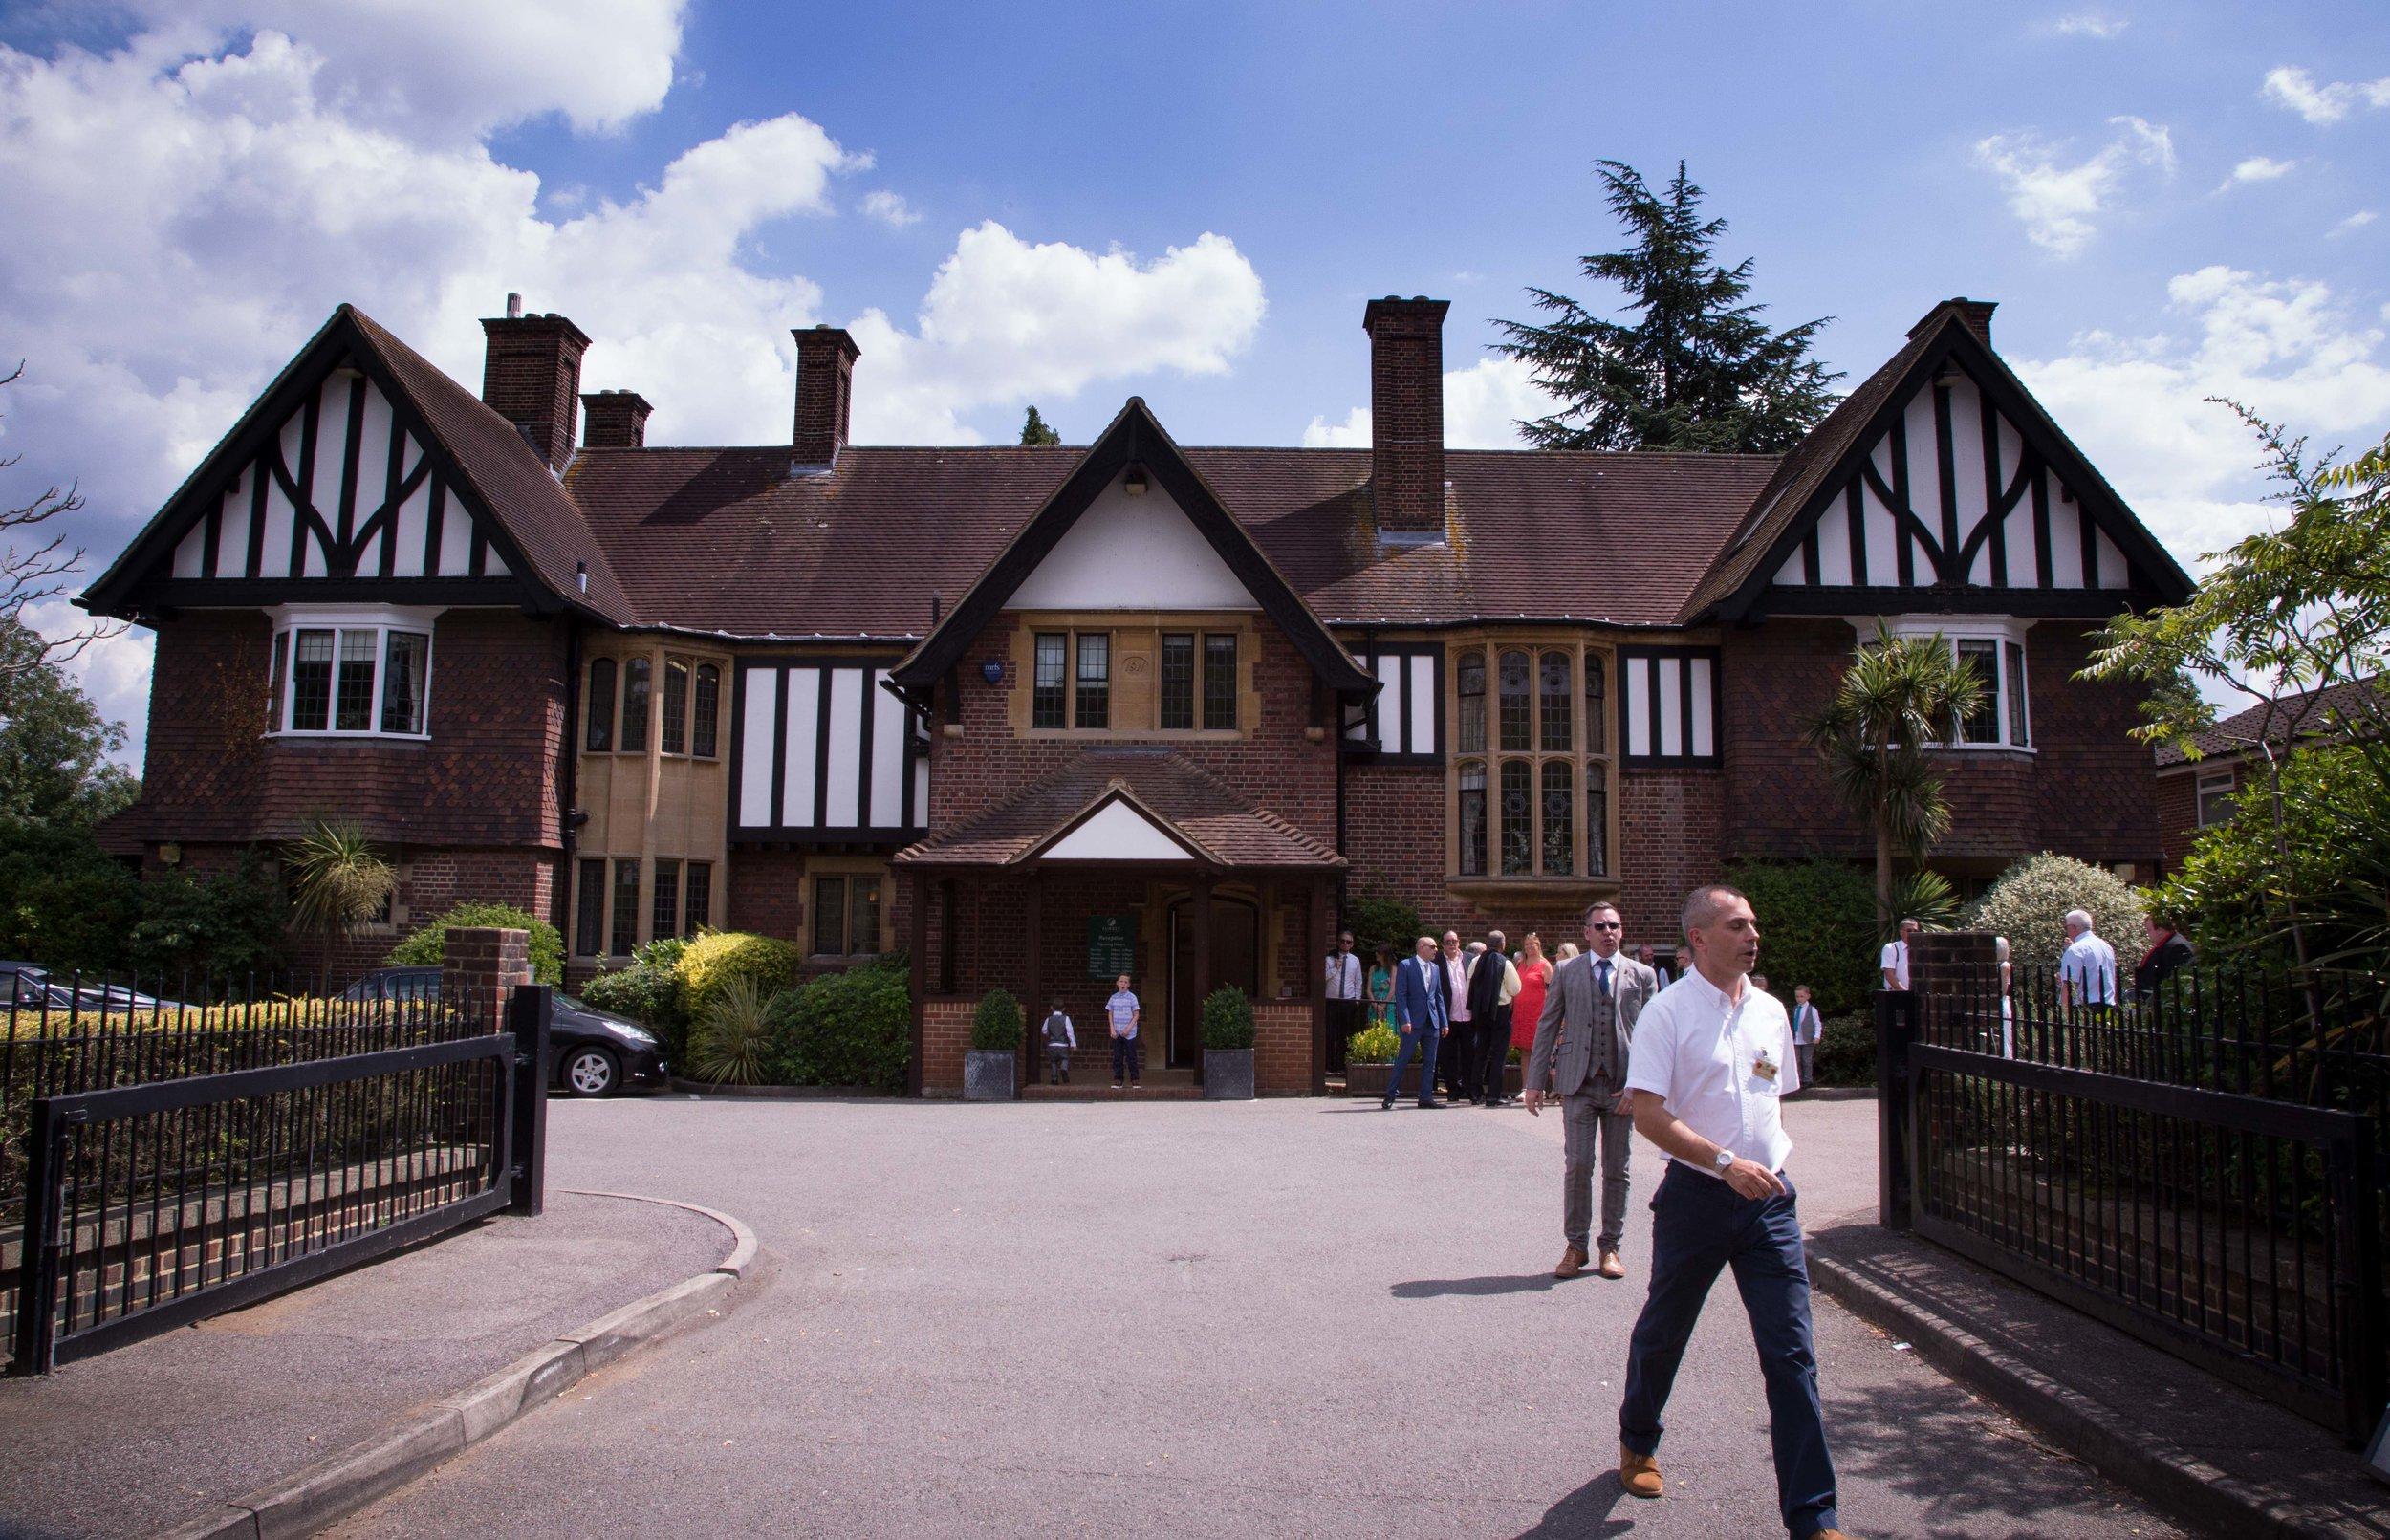 HamptonCourt-Wedding-Weybridge-Surrey-London-OatlandsParkHotel-23